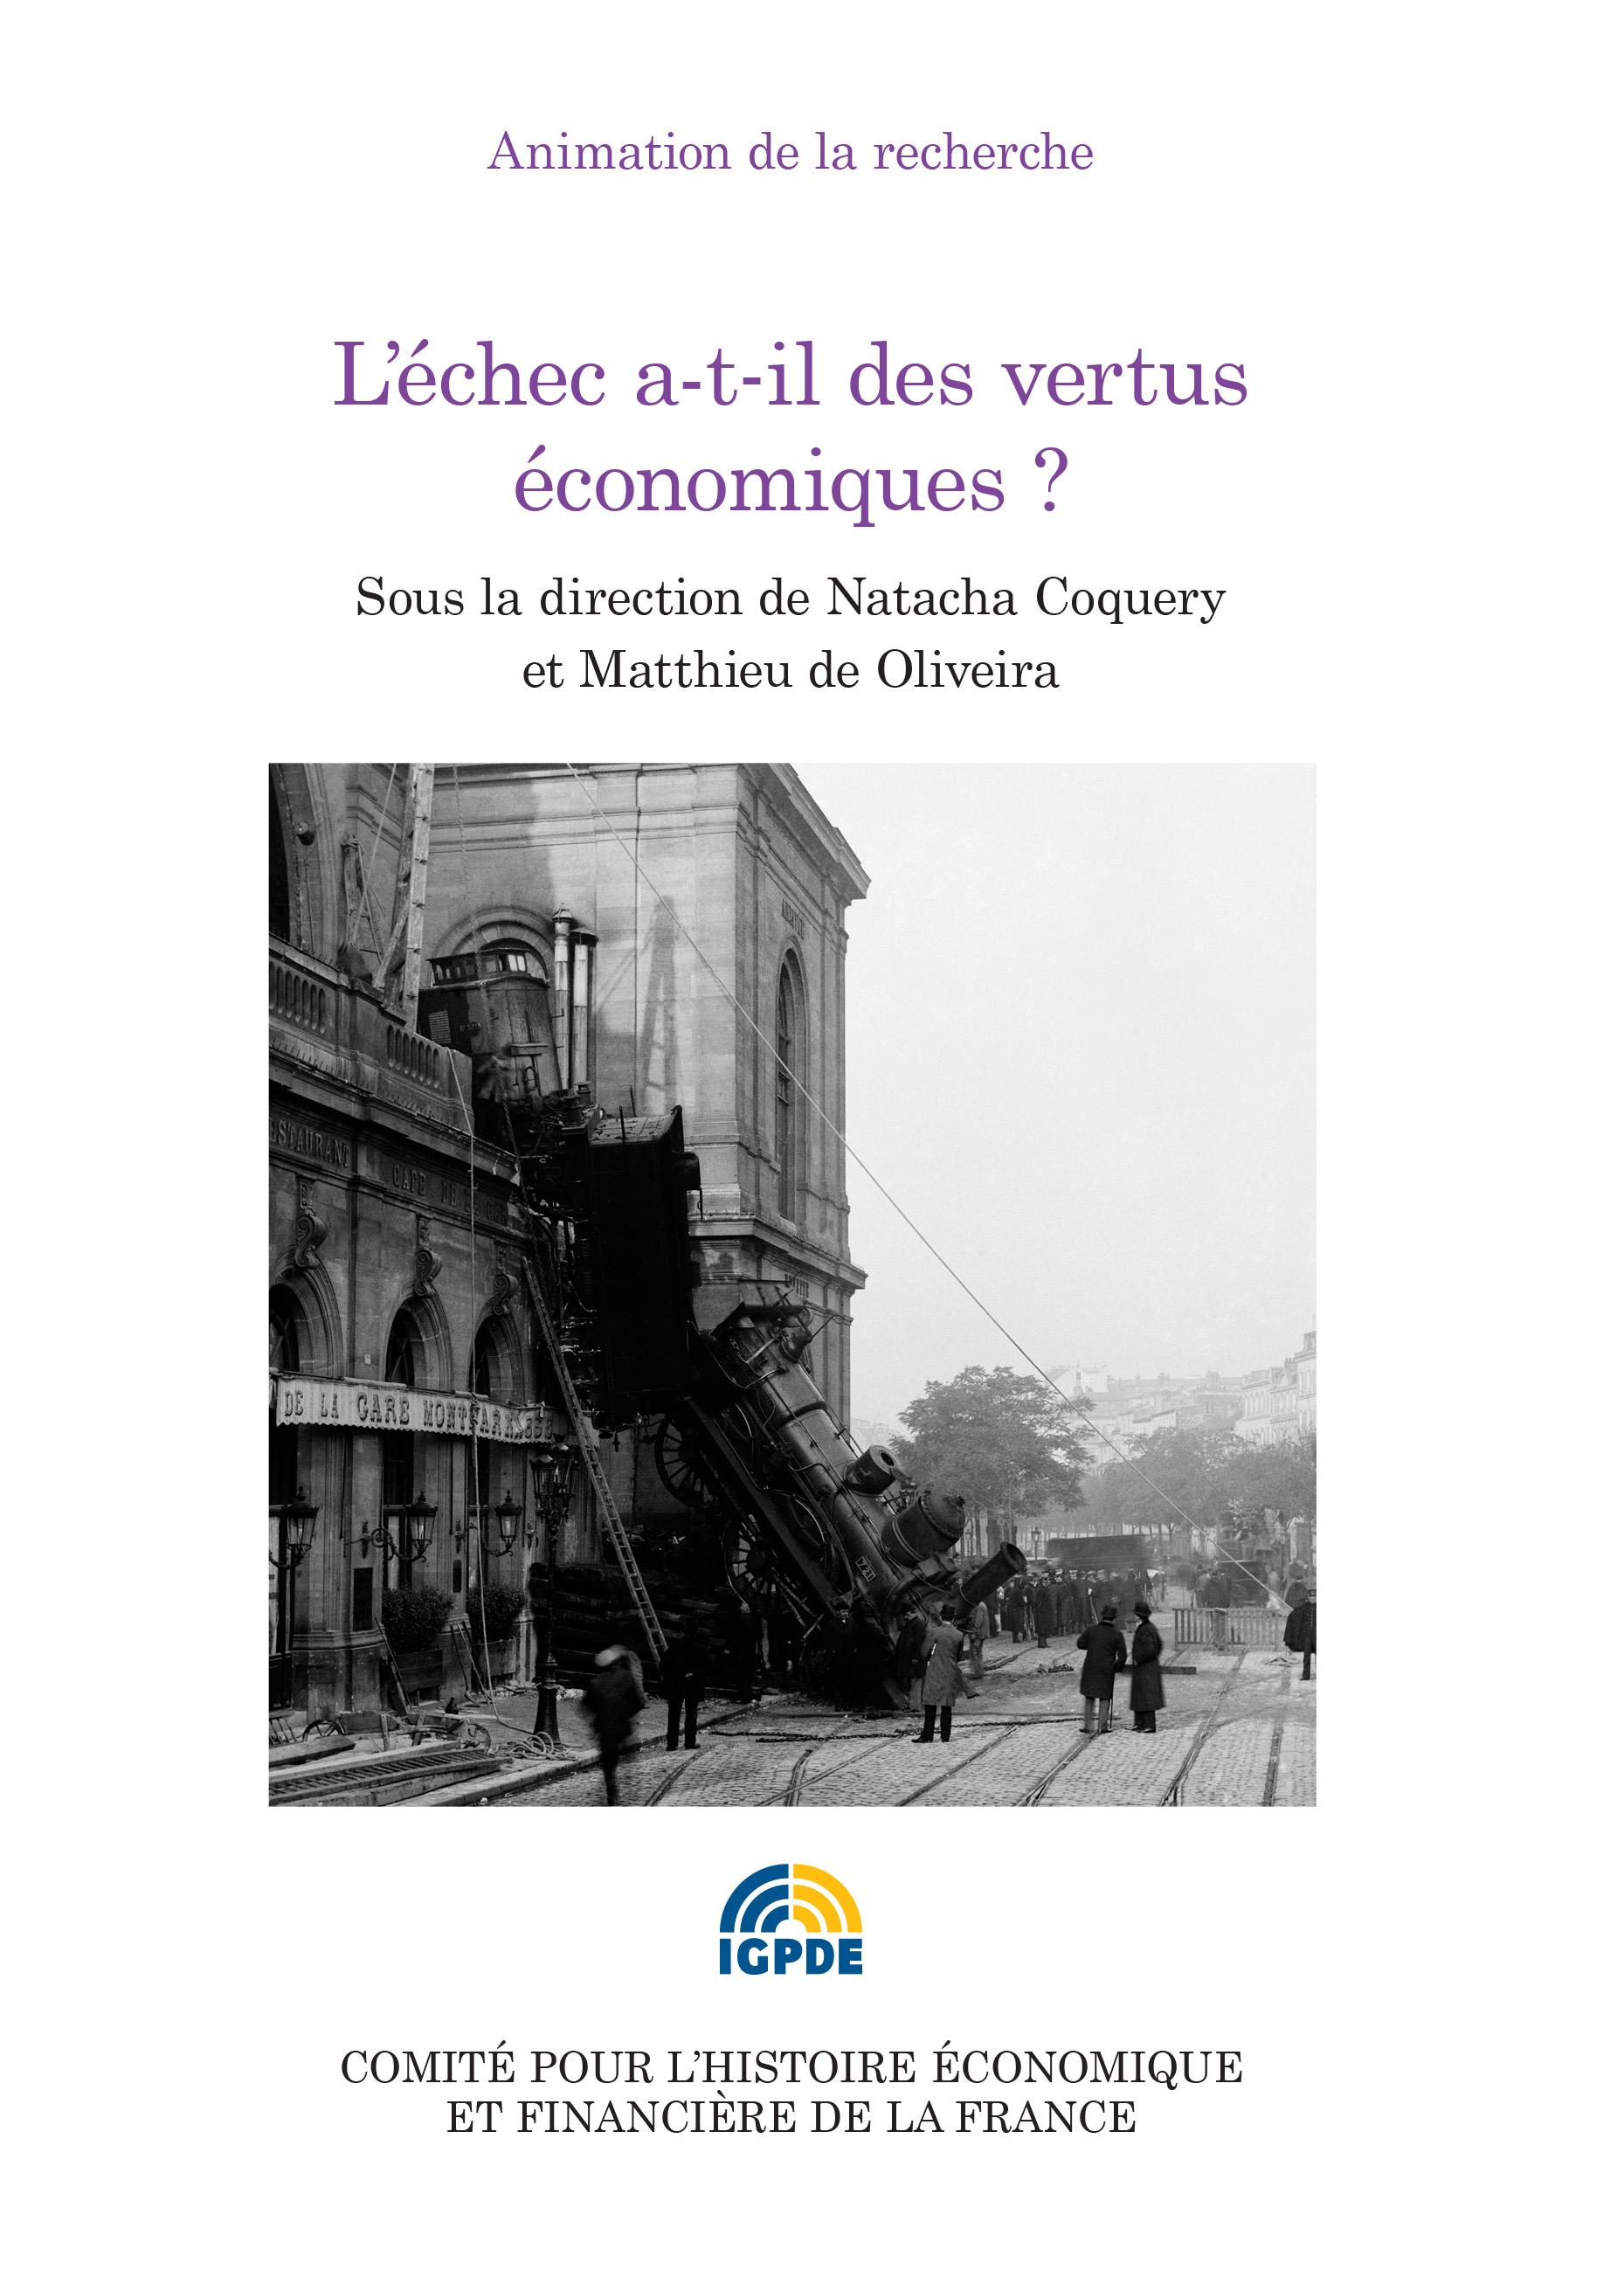 Echec_vertus_economiques300dpi